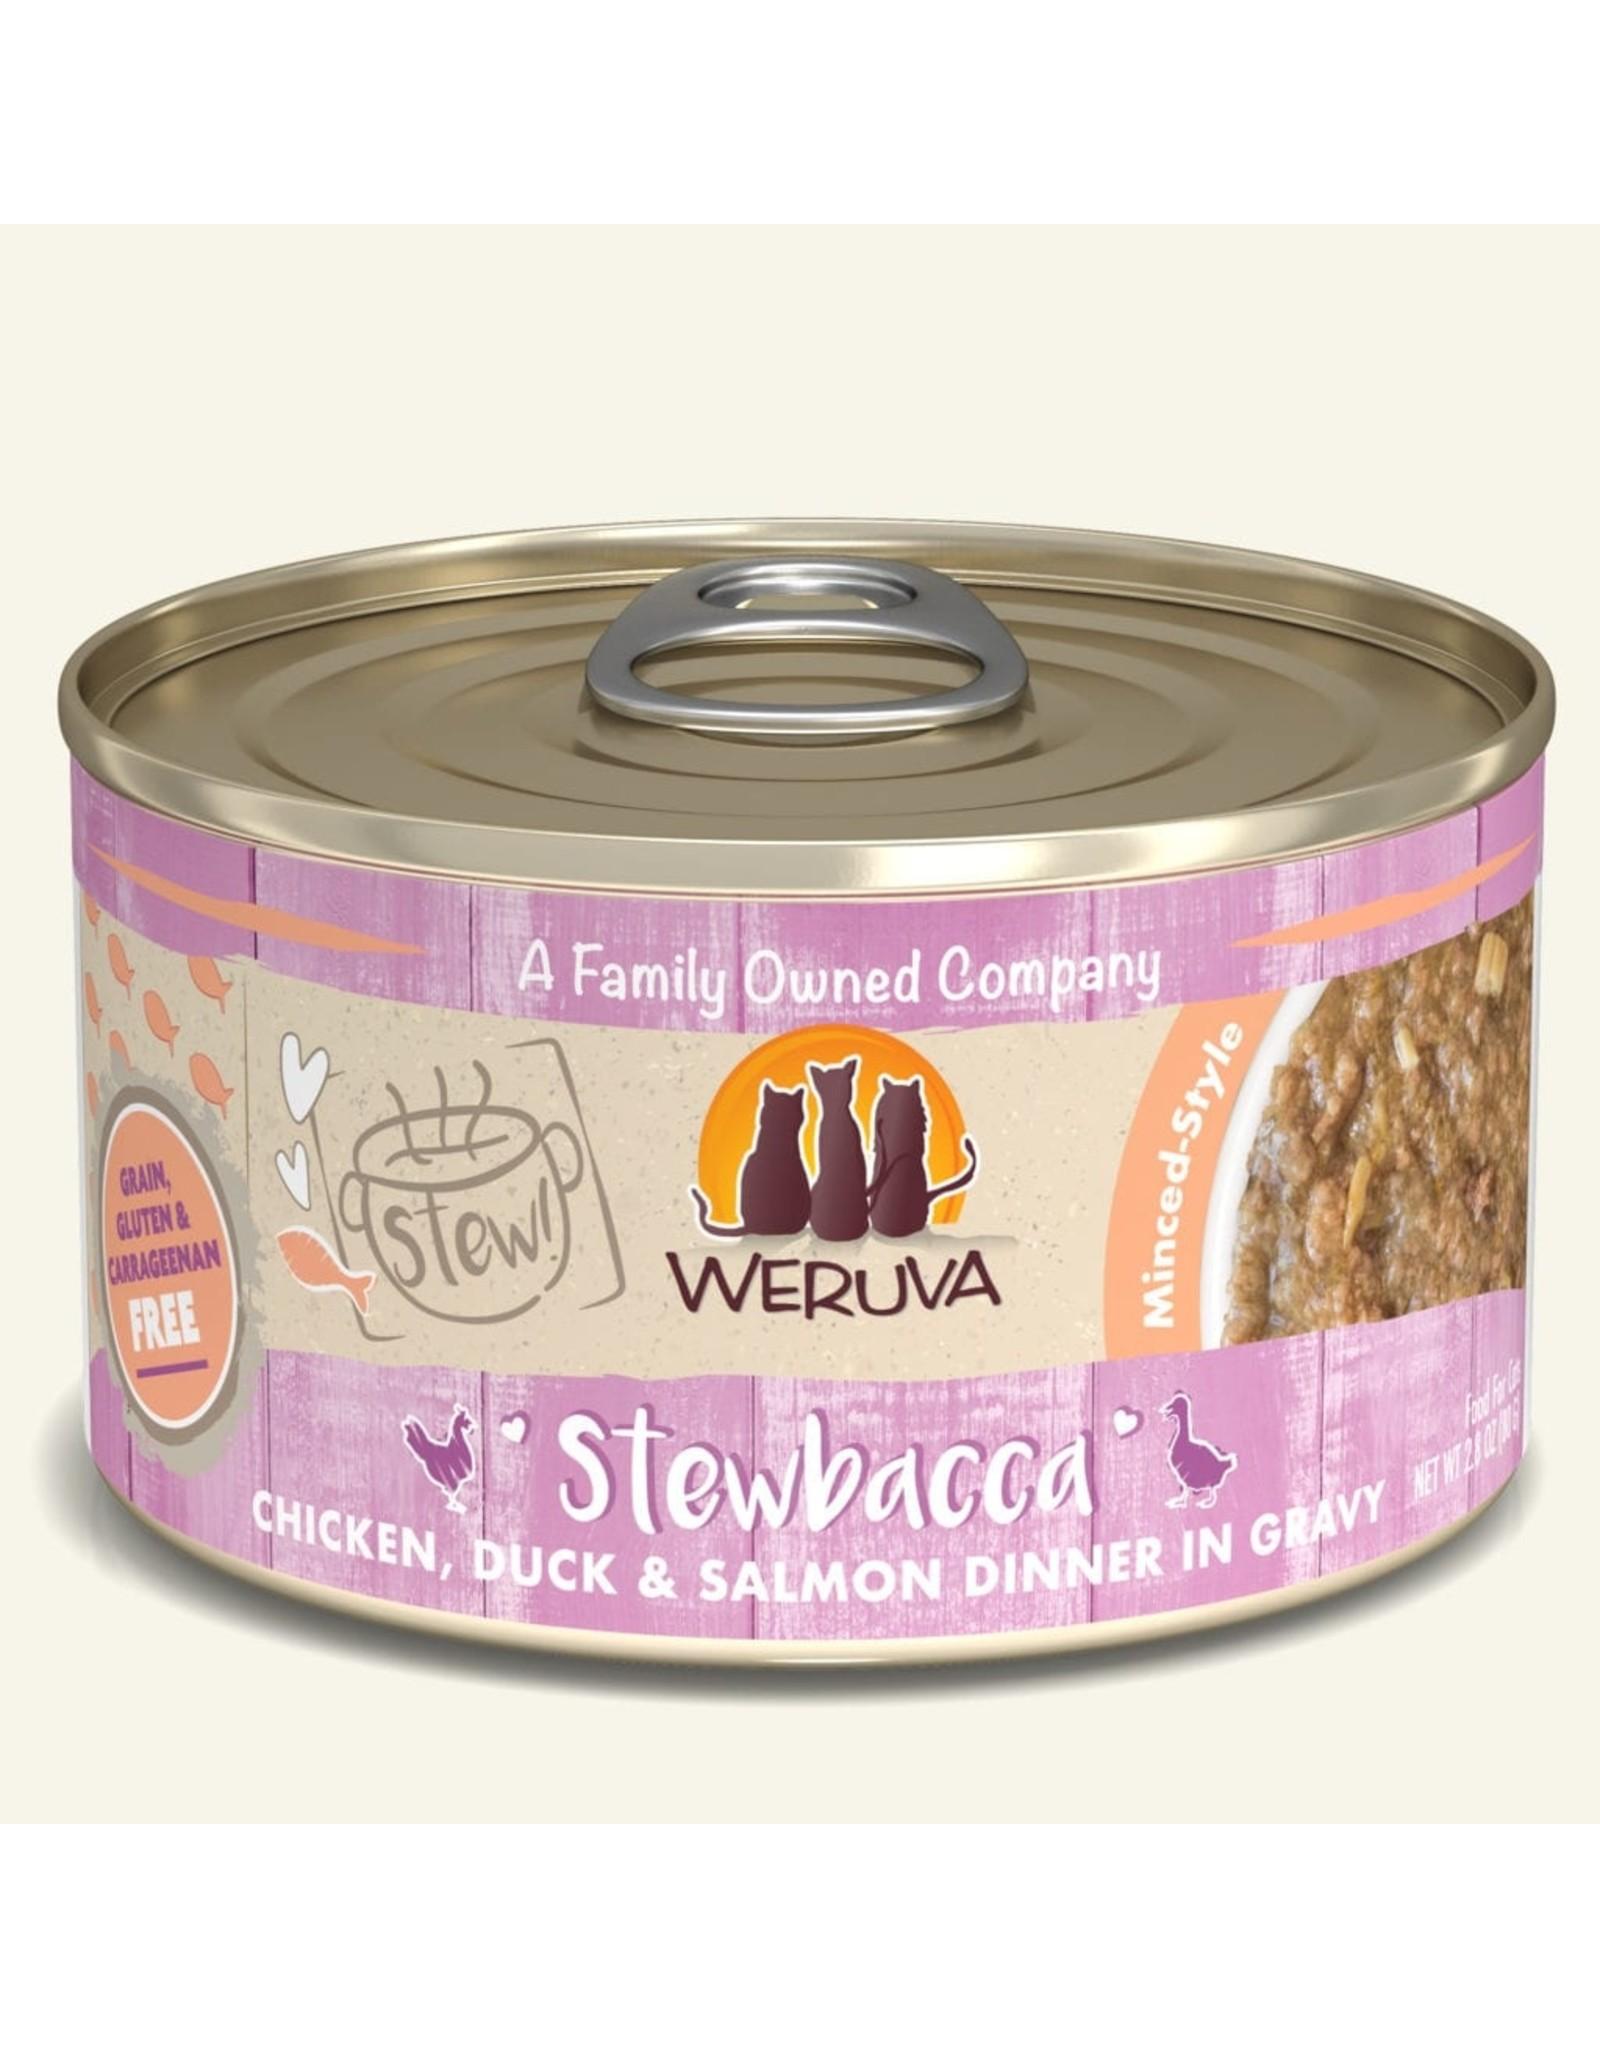 Weruva Weruva Stewbacca Chicken, Duck & Salmon Dinner in Gravy Cat Food 2.8oz